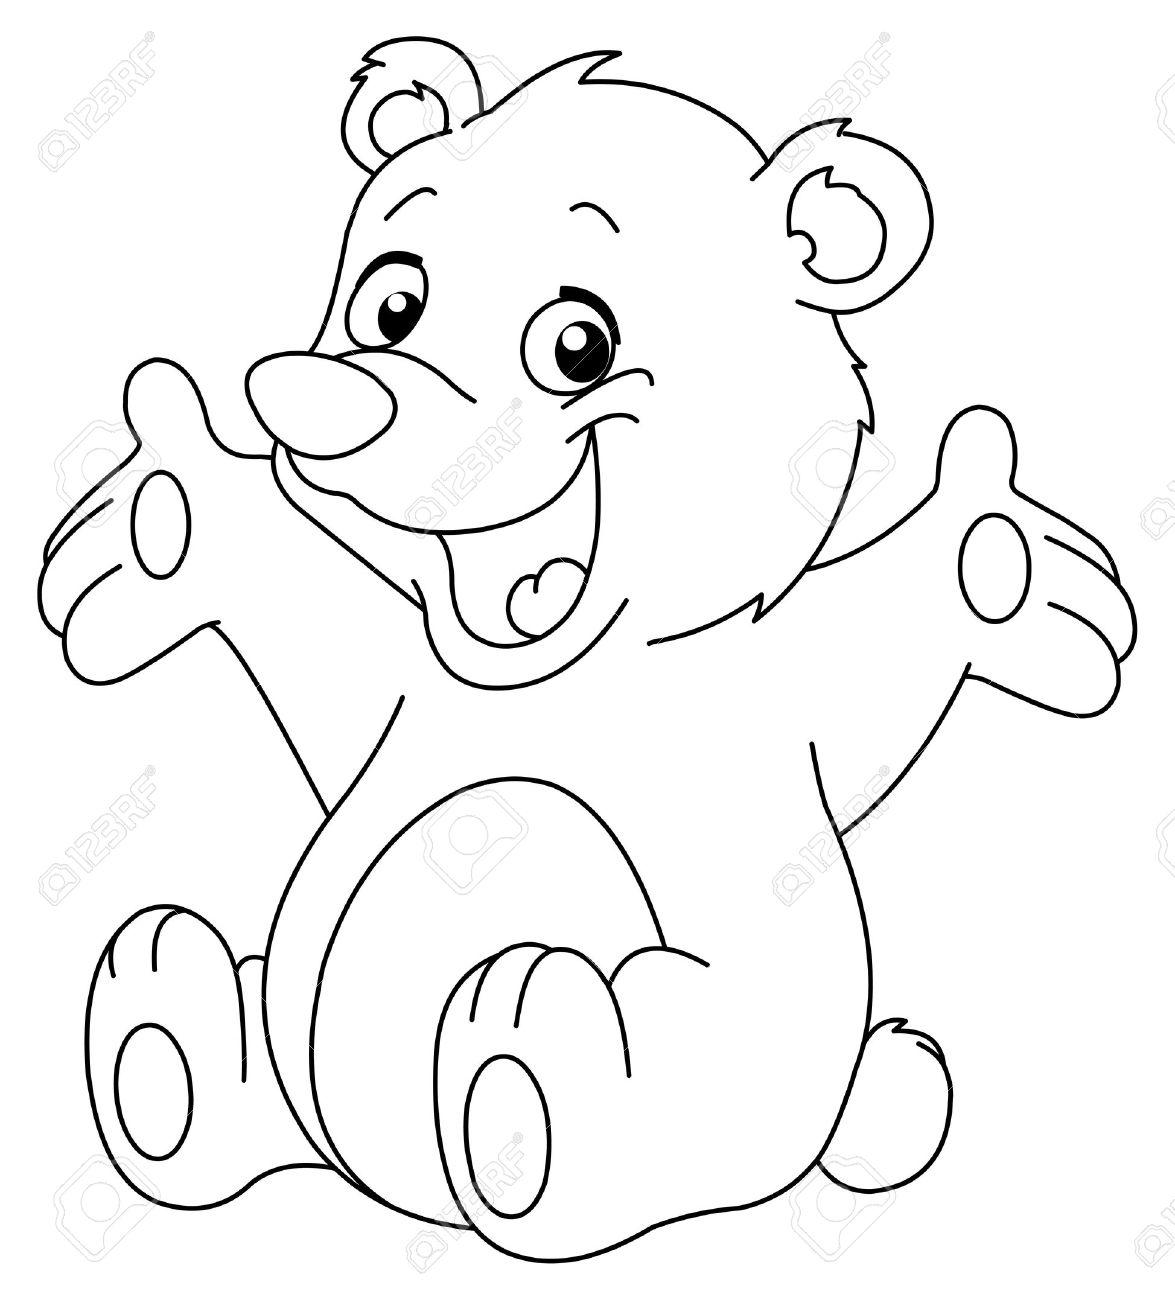 Erfreut Teddybären Malvorlagen Zeitgenössisch - Malvorlagen Von ...